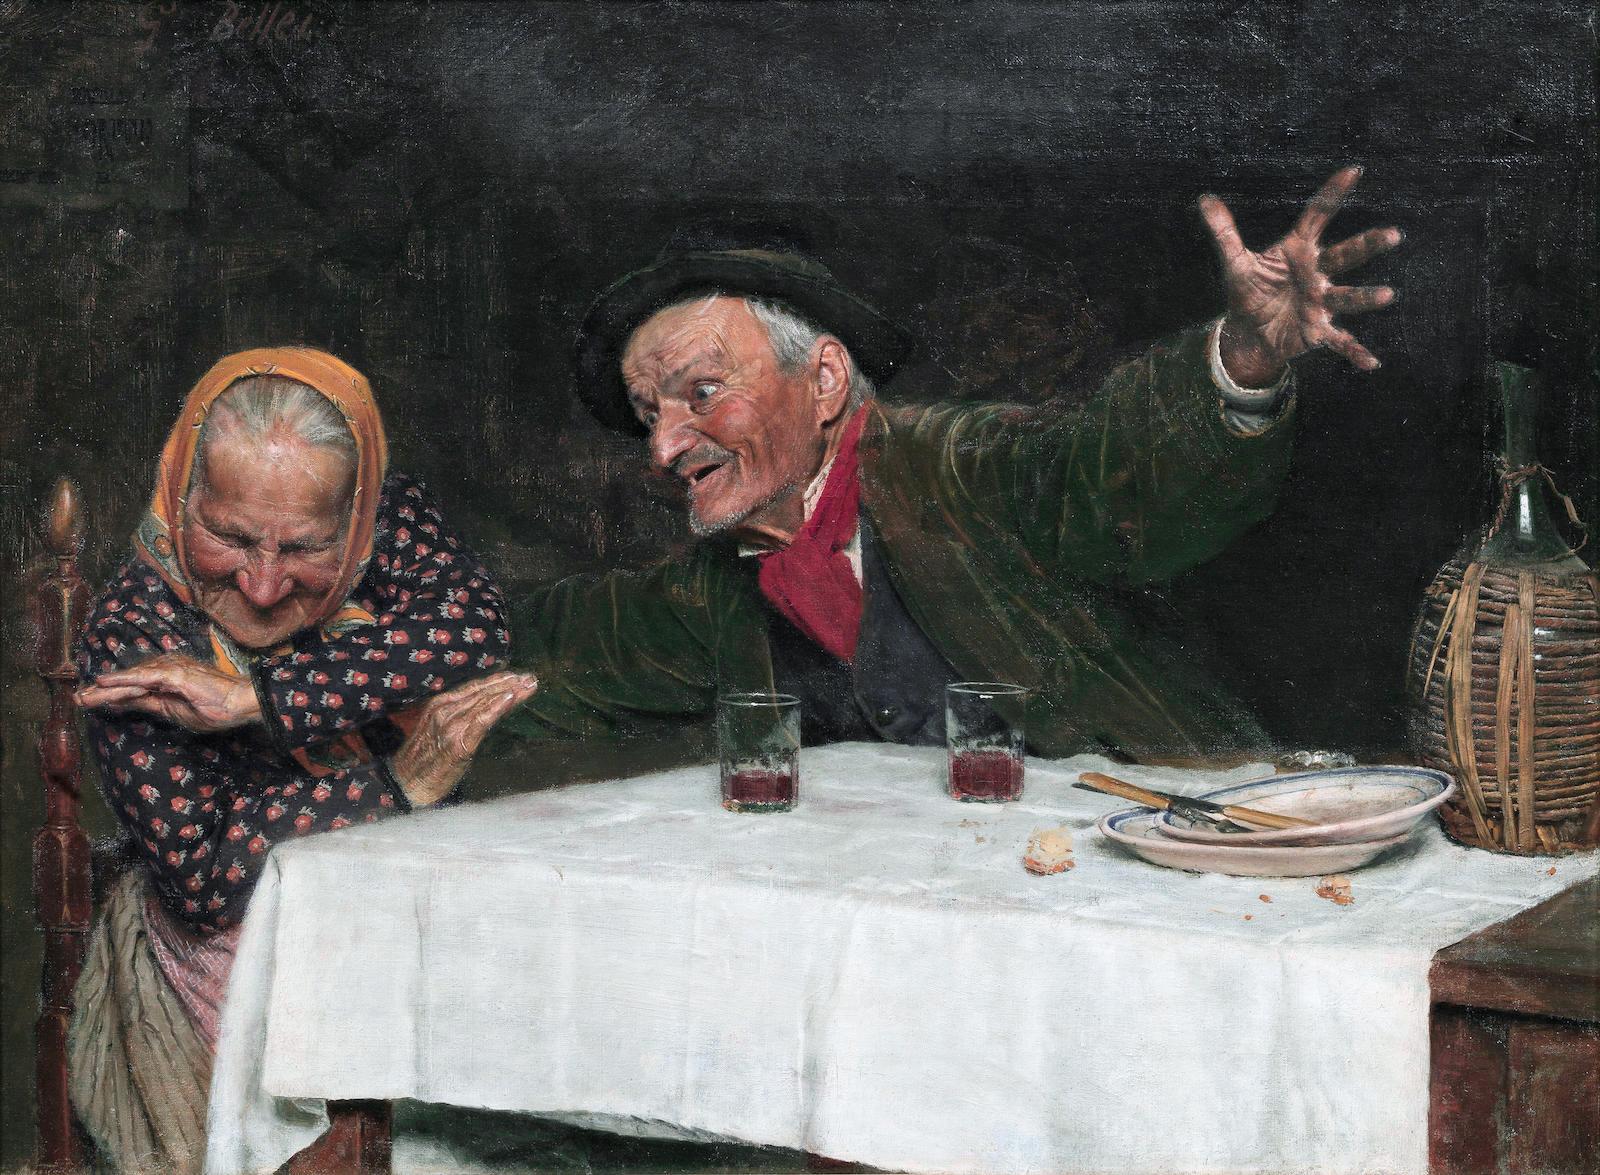 Gaetano Bellei (1857-1922) - The joker